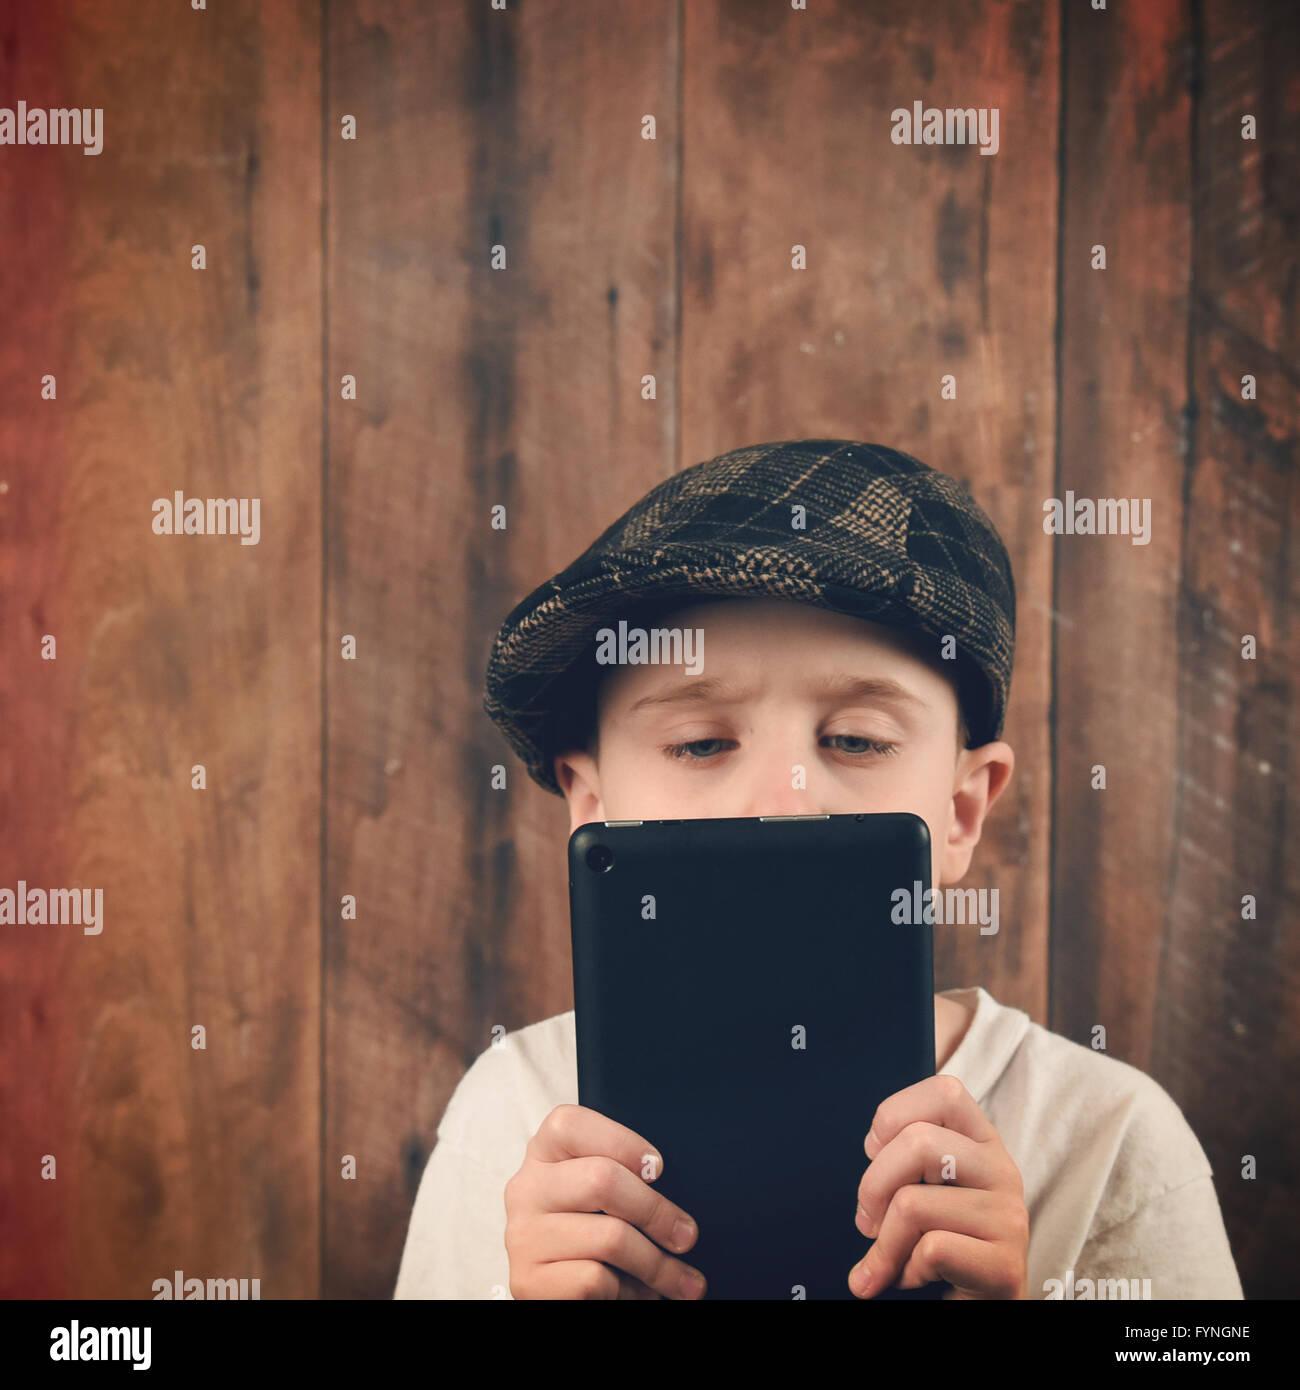 Un garçon est maintenant une technologie Tablet et lecture d'un écran. Le chikld porte un chapeau Photo Stock